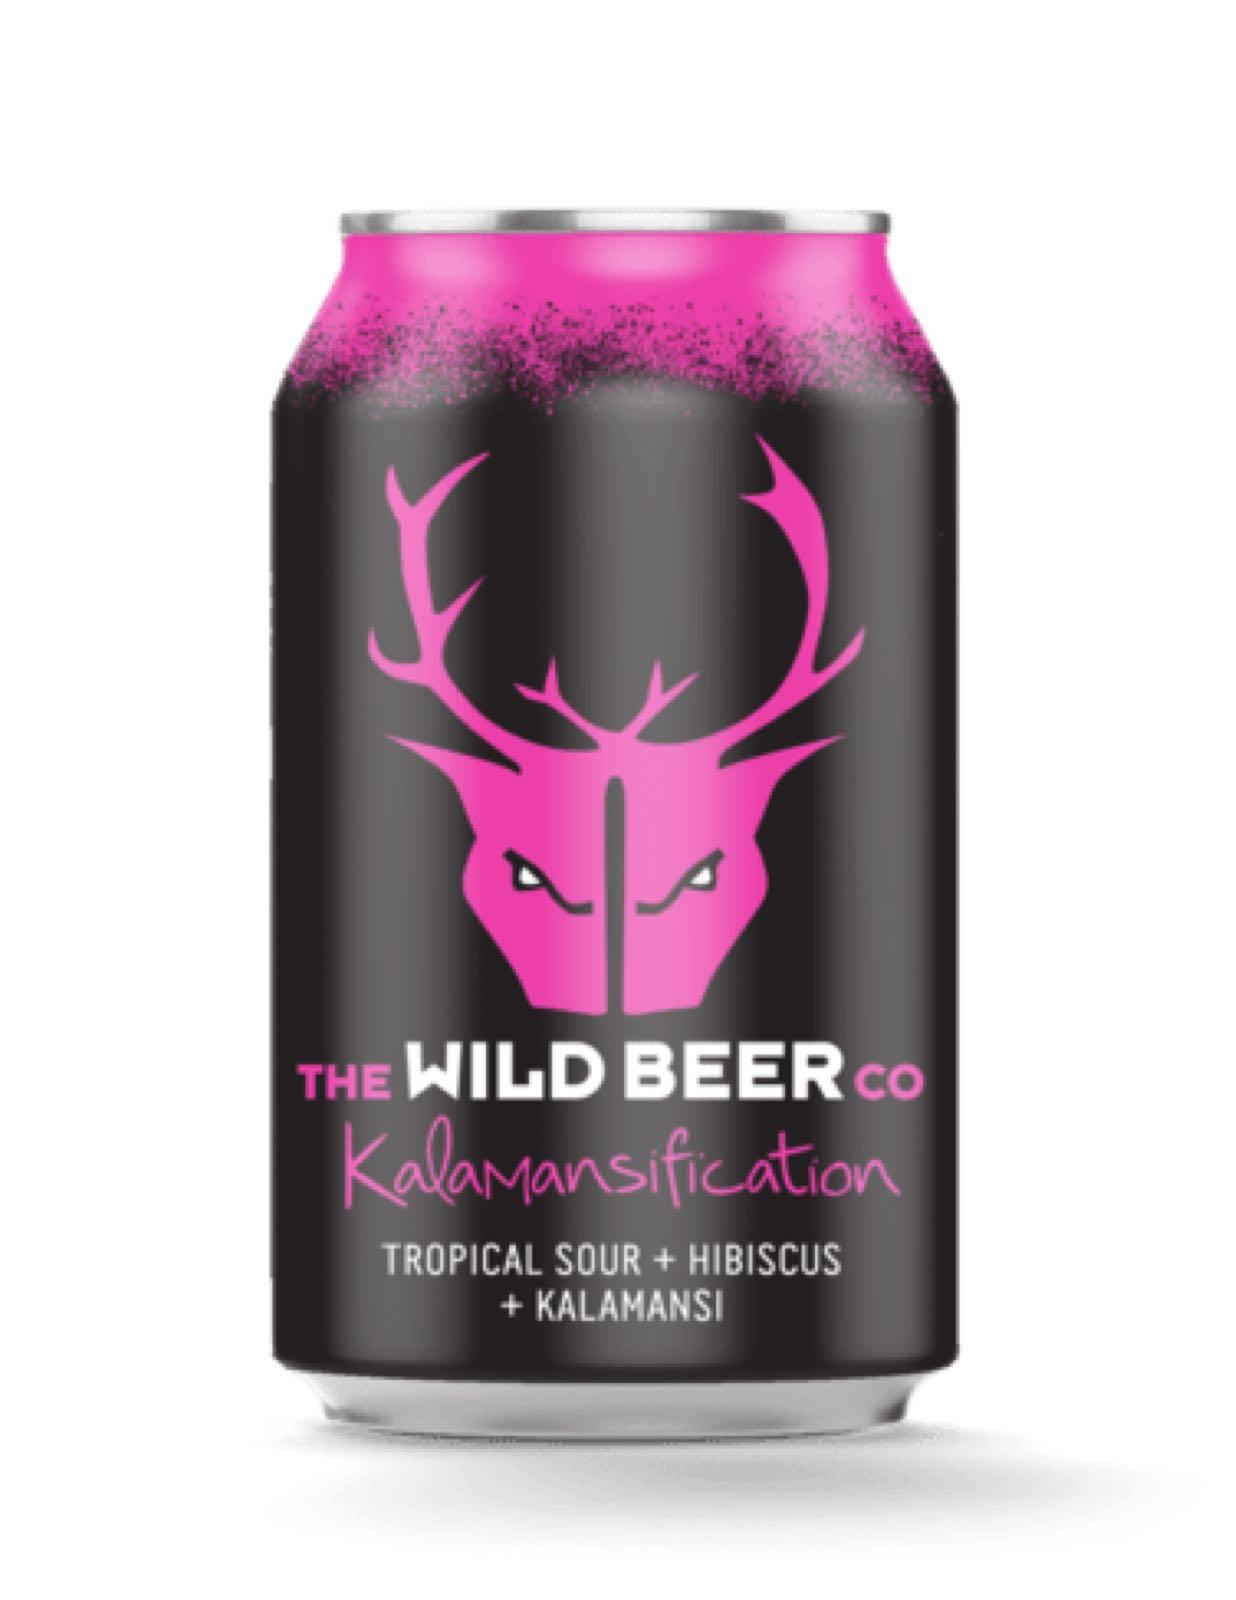 Wild Beer Kalamansification